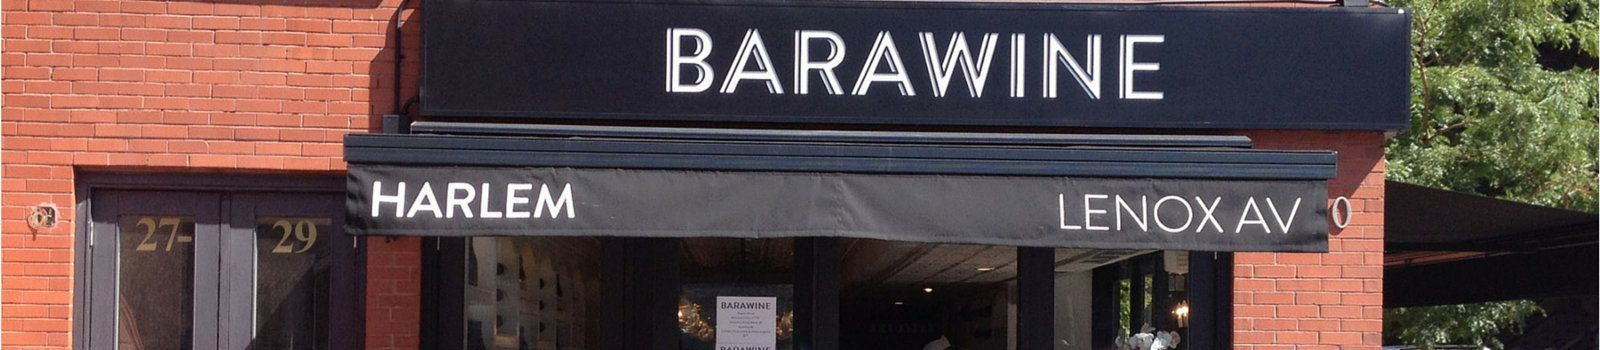 Restaurante Barawine Harlem